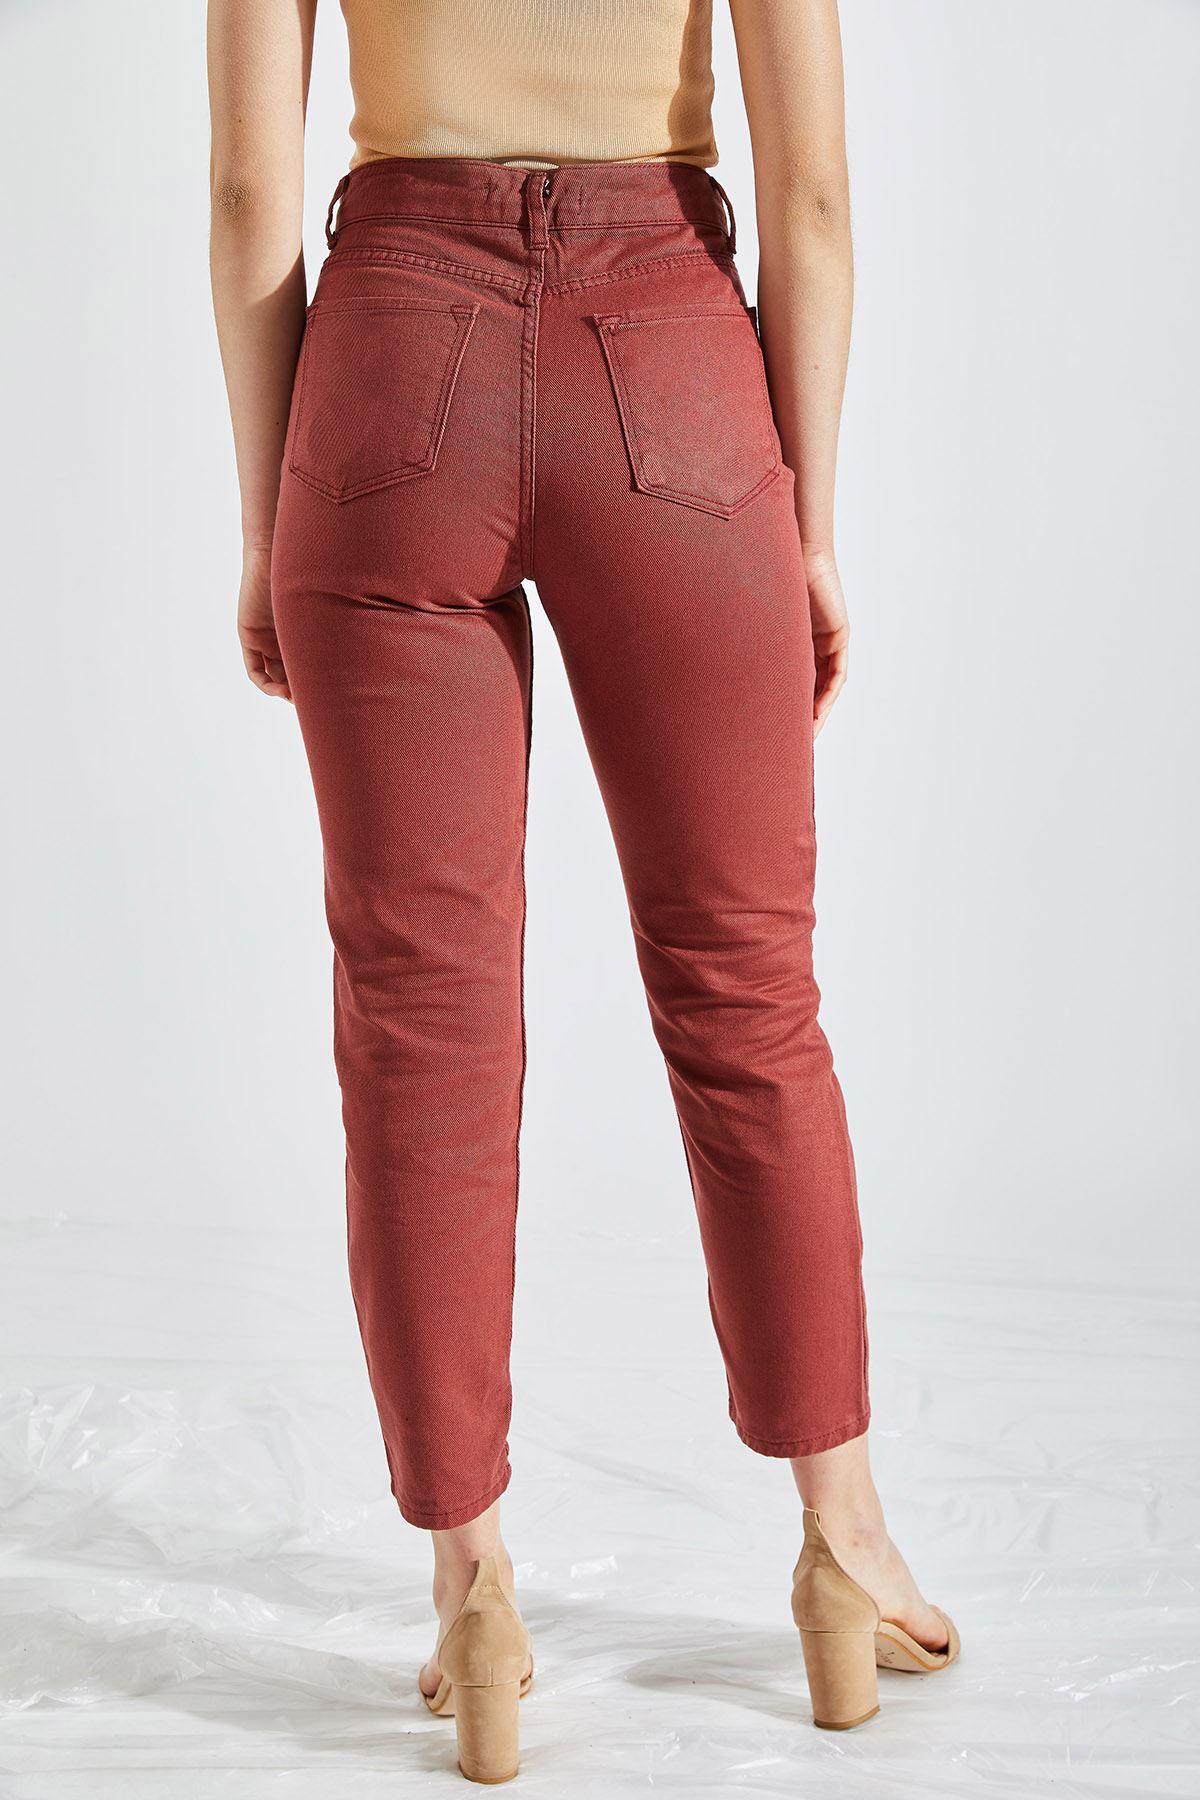 Kadın Boyfriend Kiremit Kot Pantolon